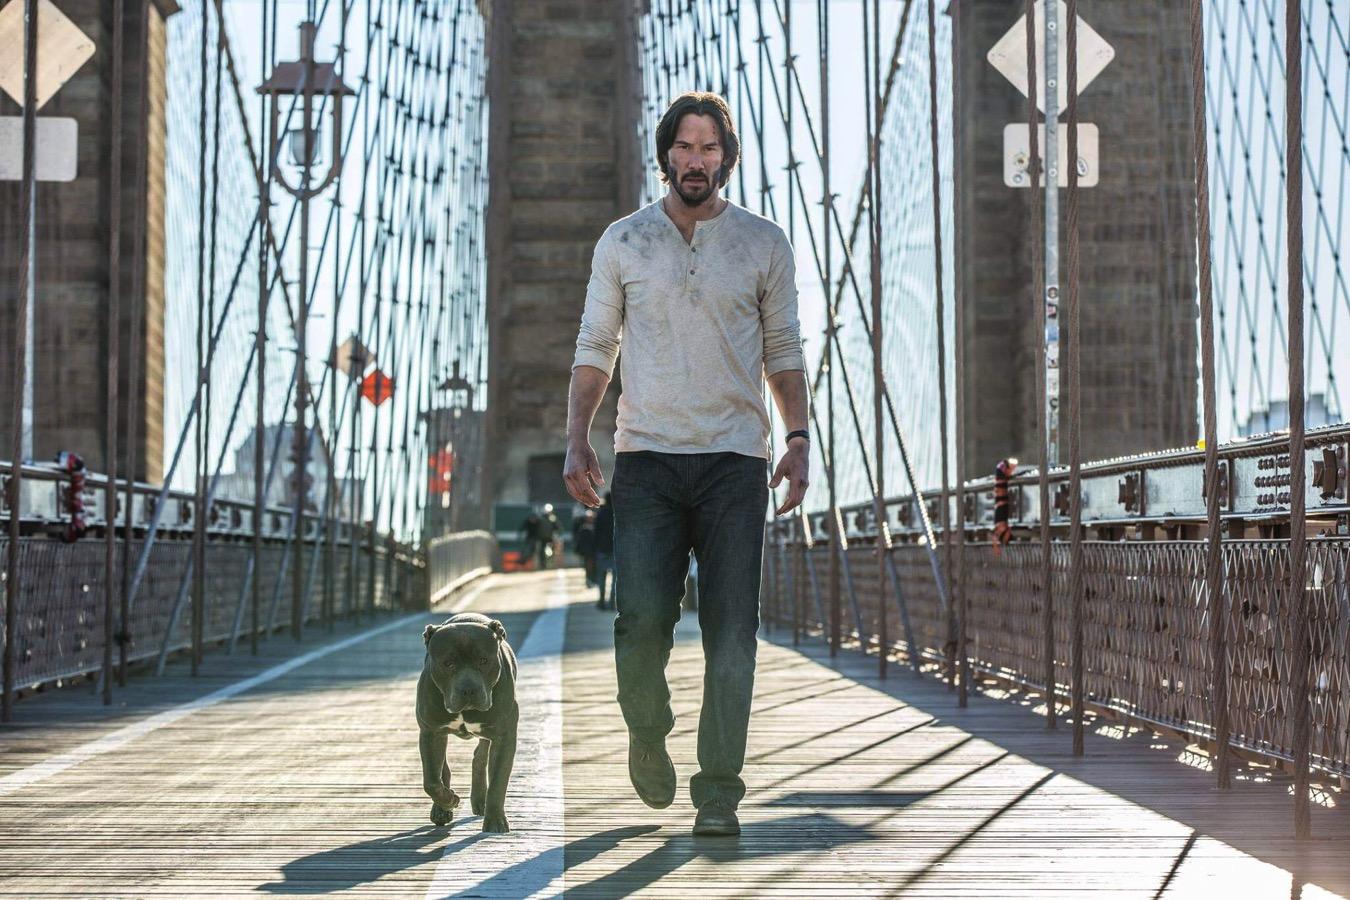 John wick 2 keanu reeves dog image